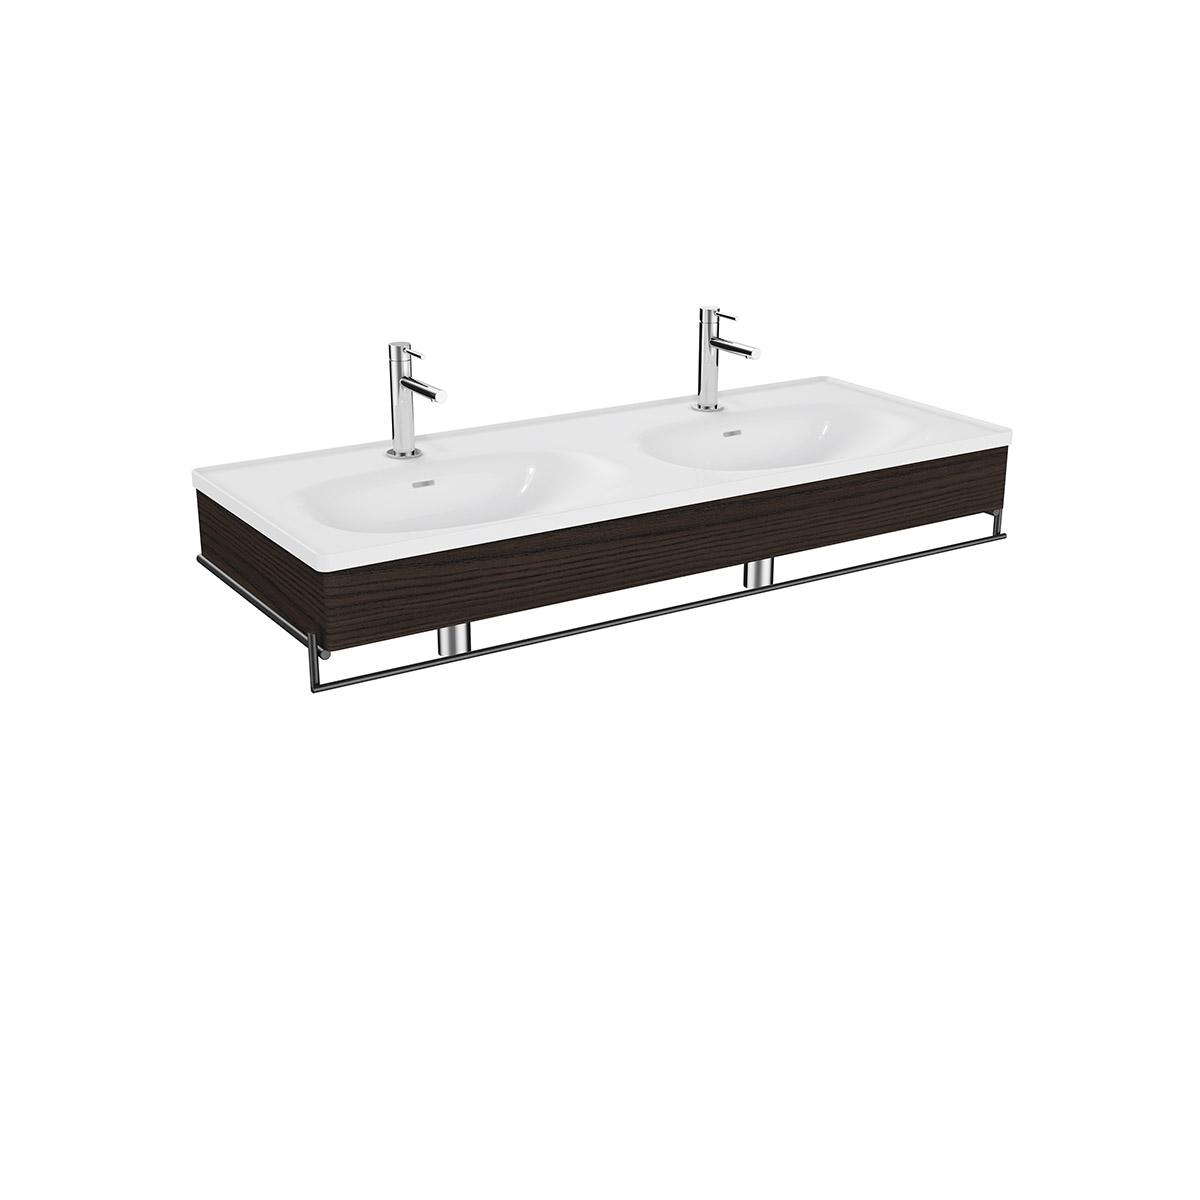 Equal Set Doppelwaschtisch, 130 cm, mit Holzblende und Handtuchhalter, Weiß Hochglanz/Ulme